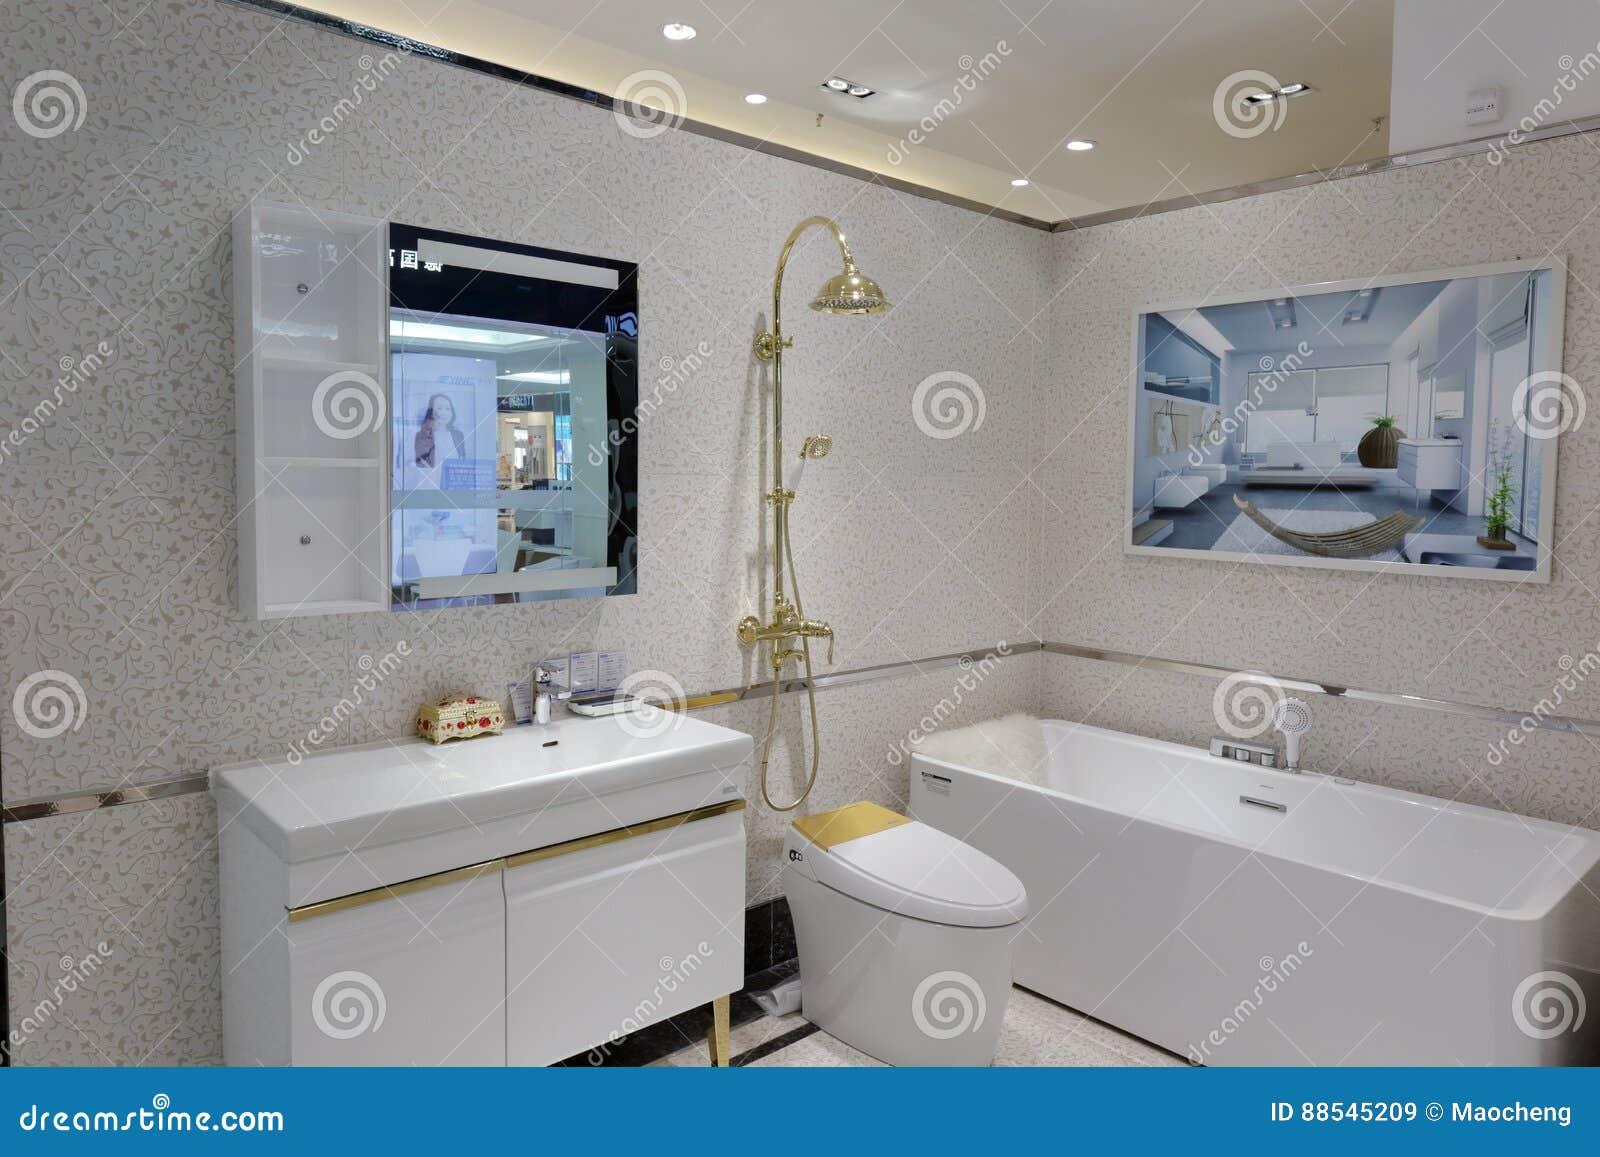 Pièce Modèle De Salle De Bains Image stock éditorial - Image ...